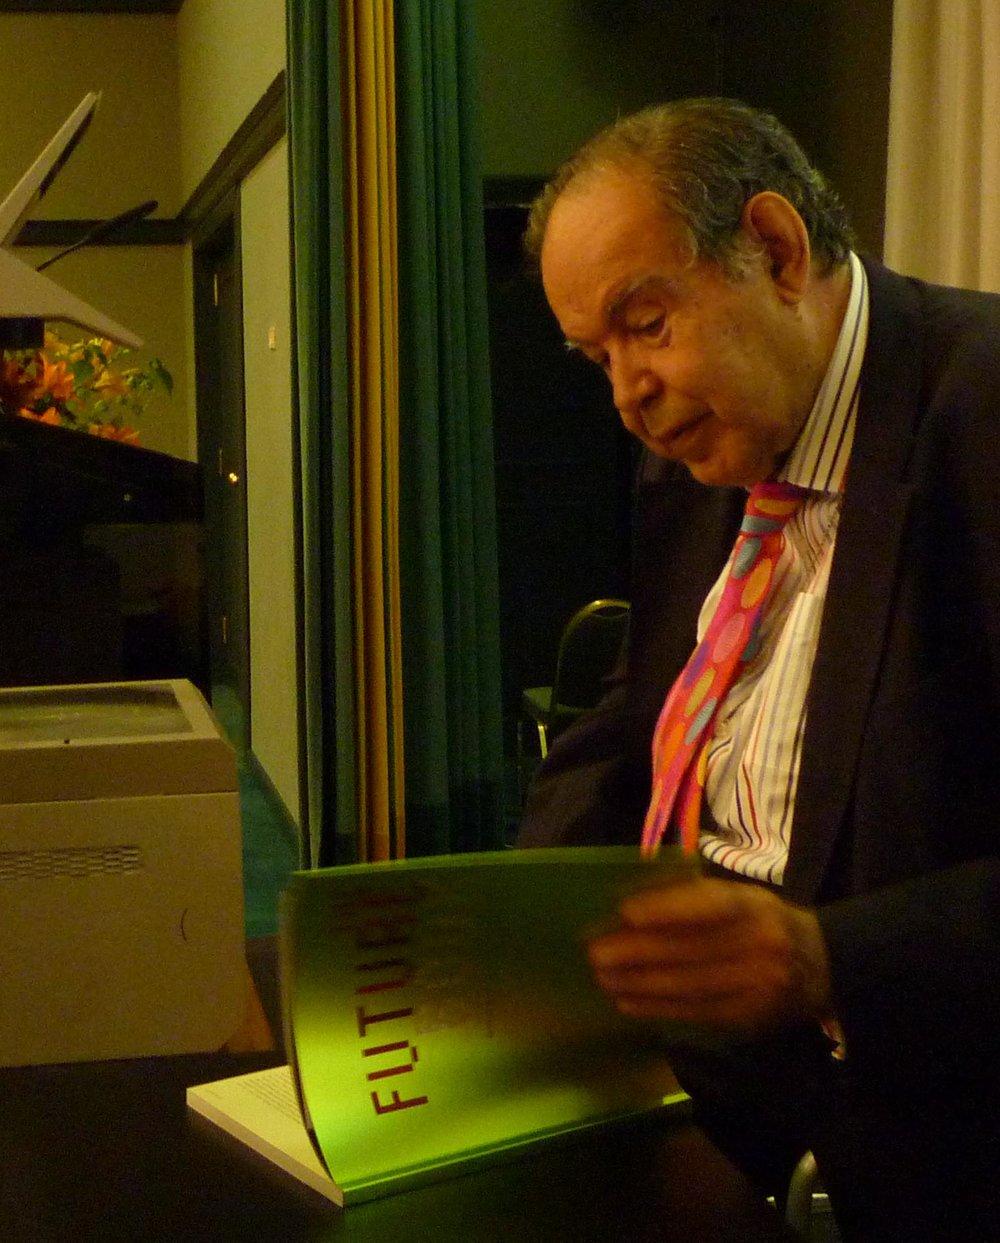 Challenge Future - Future Book to Edward de Bono Uploaded by McGeddon